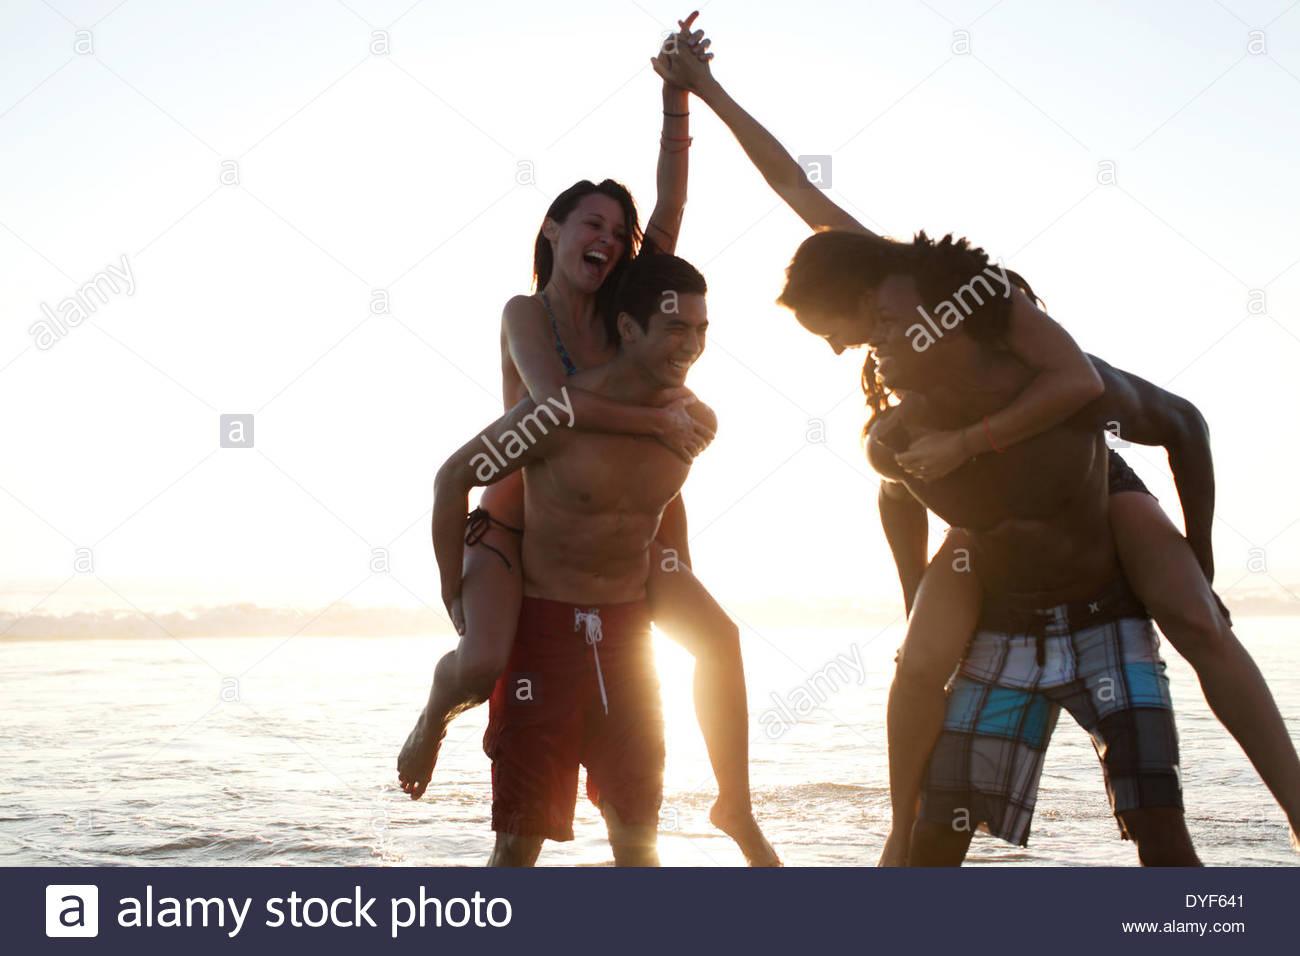 Las Parejas Jugando En Las Olas En La Playa Foto Imagen De Stock